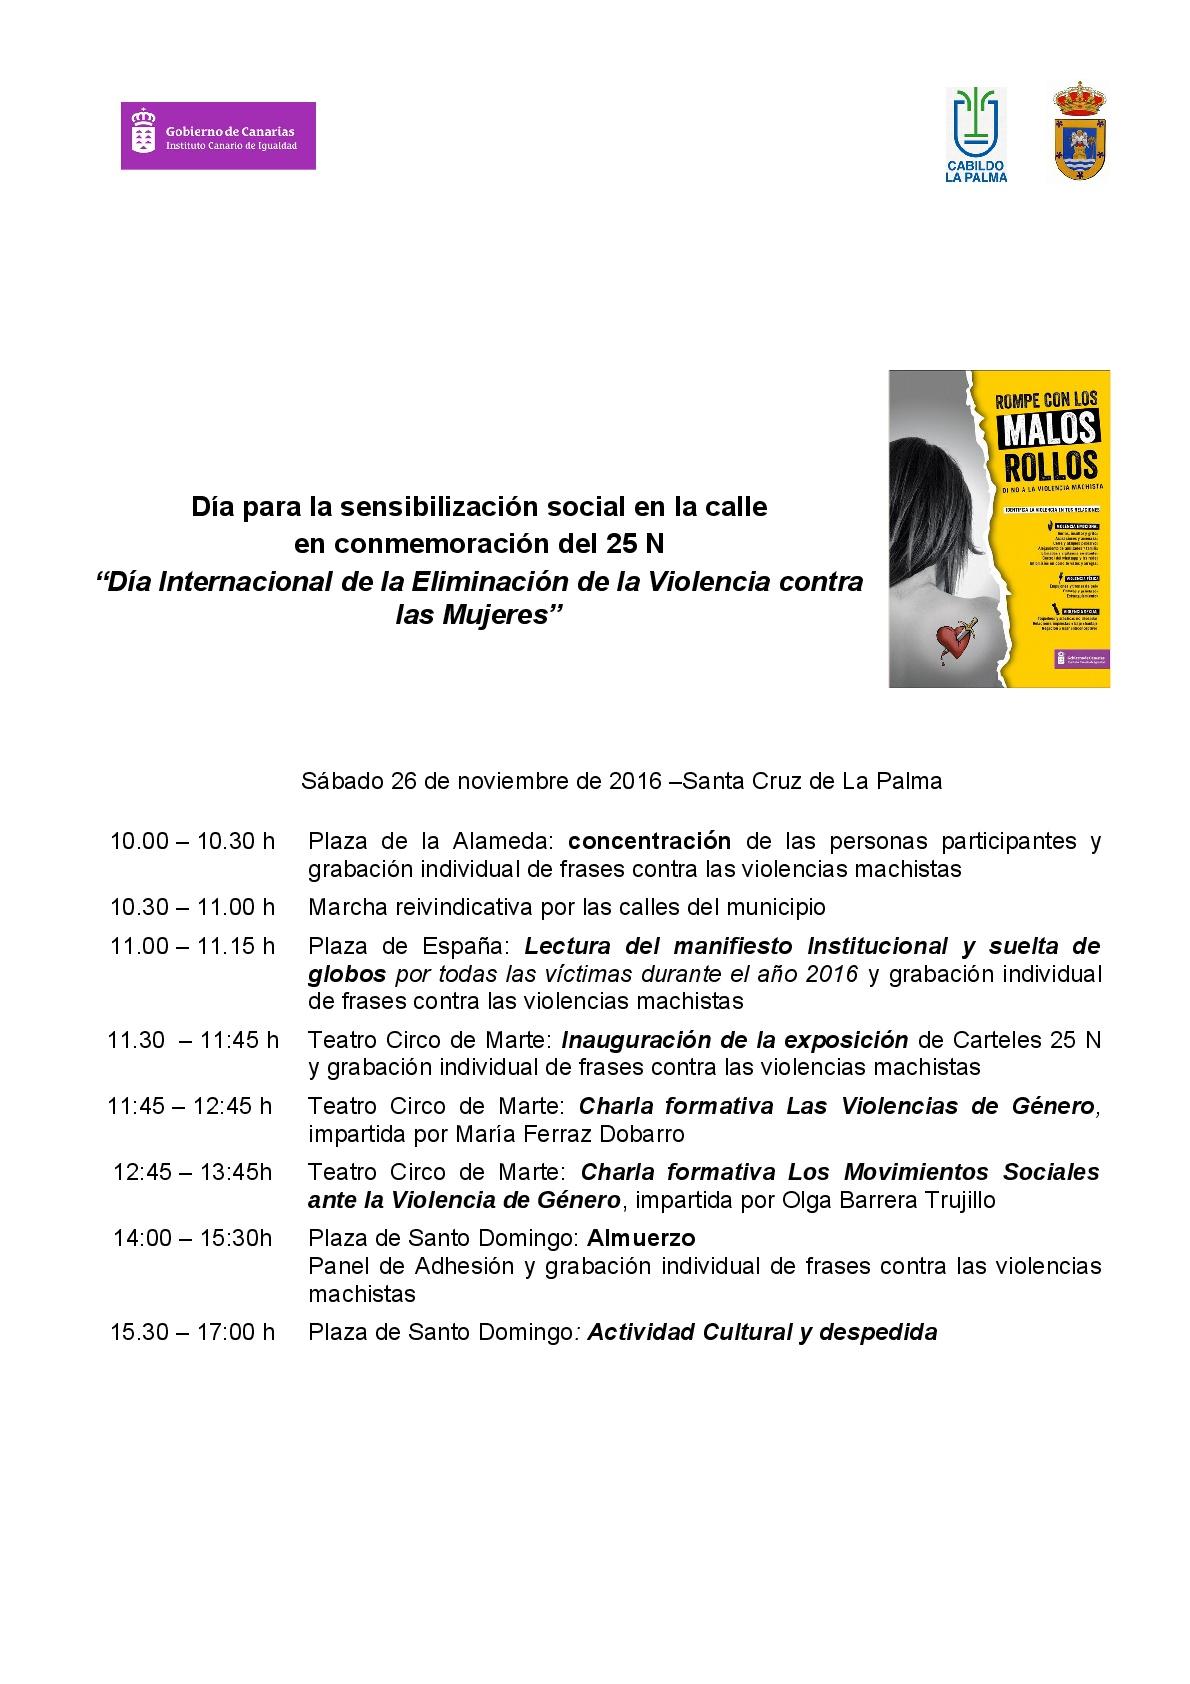 programa-ici-26n_santa-cruz-de-la-palma-001-1